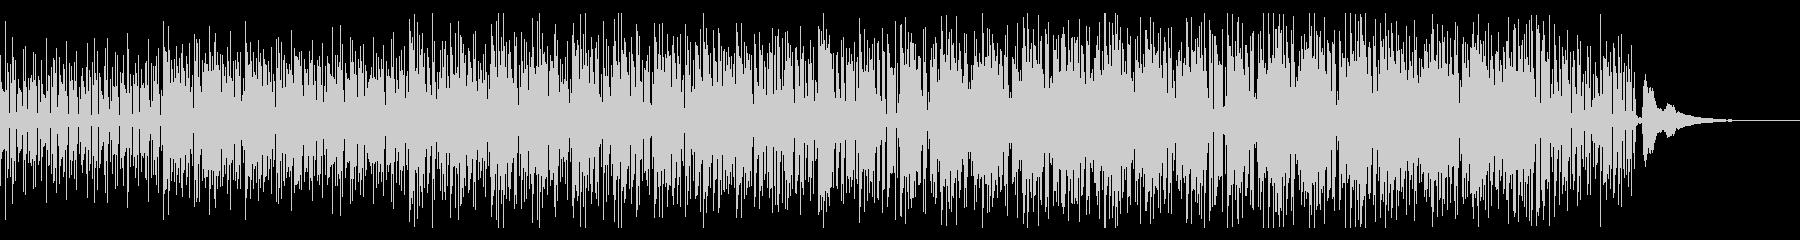 クラシックギターとピアノのボサノバ風Aの未再生の波形